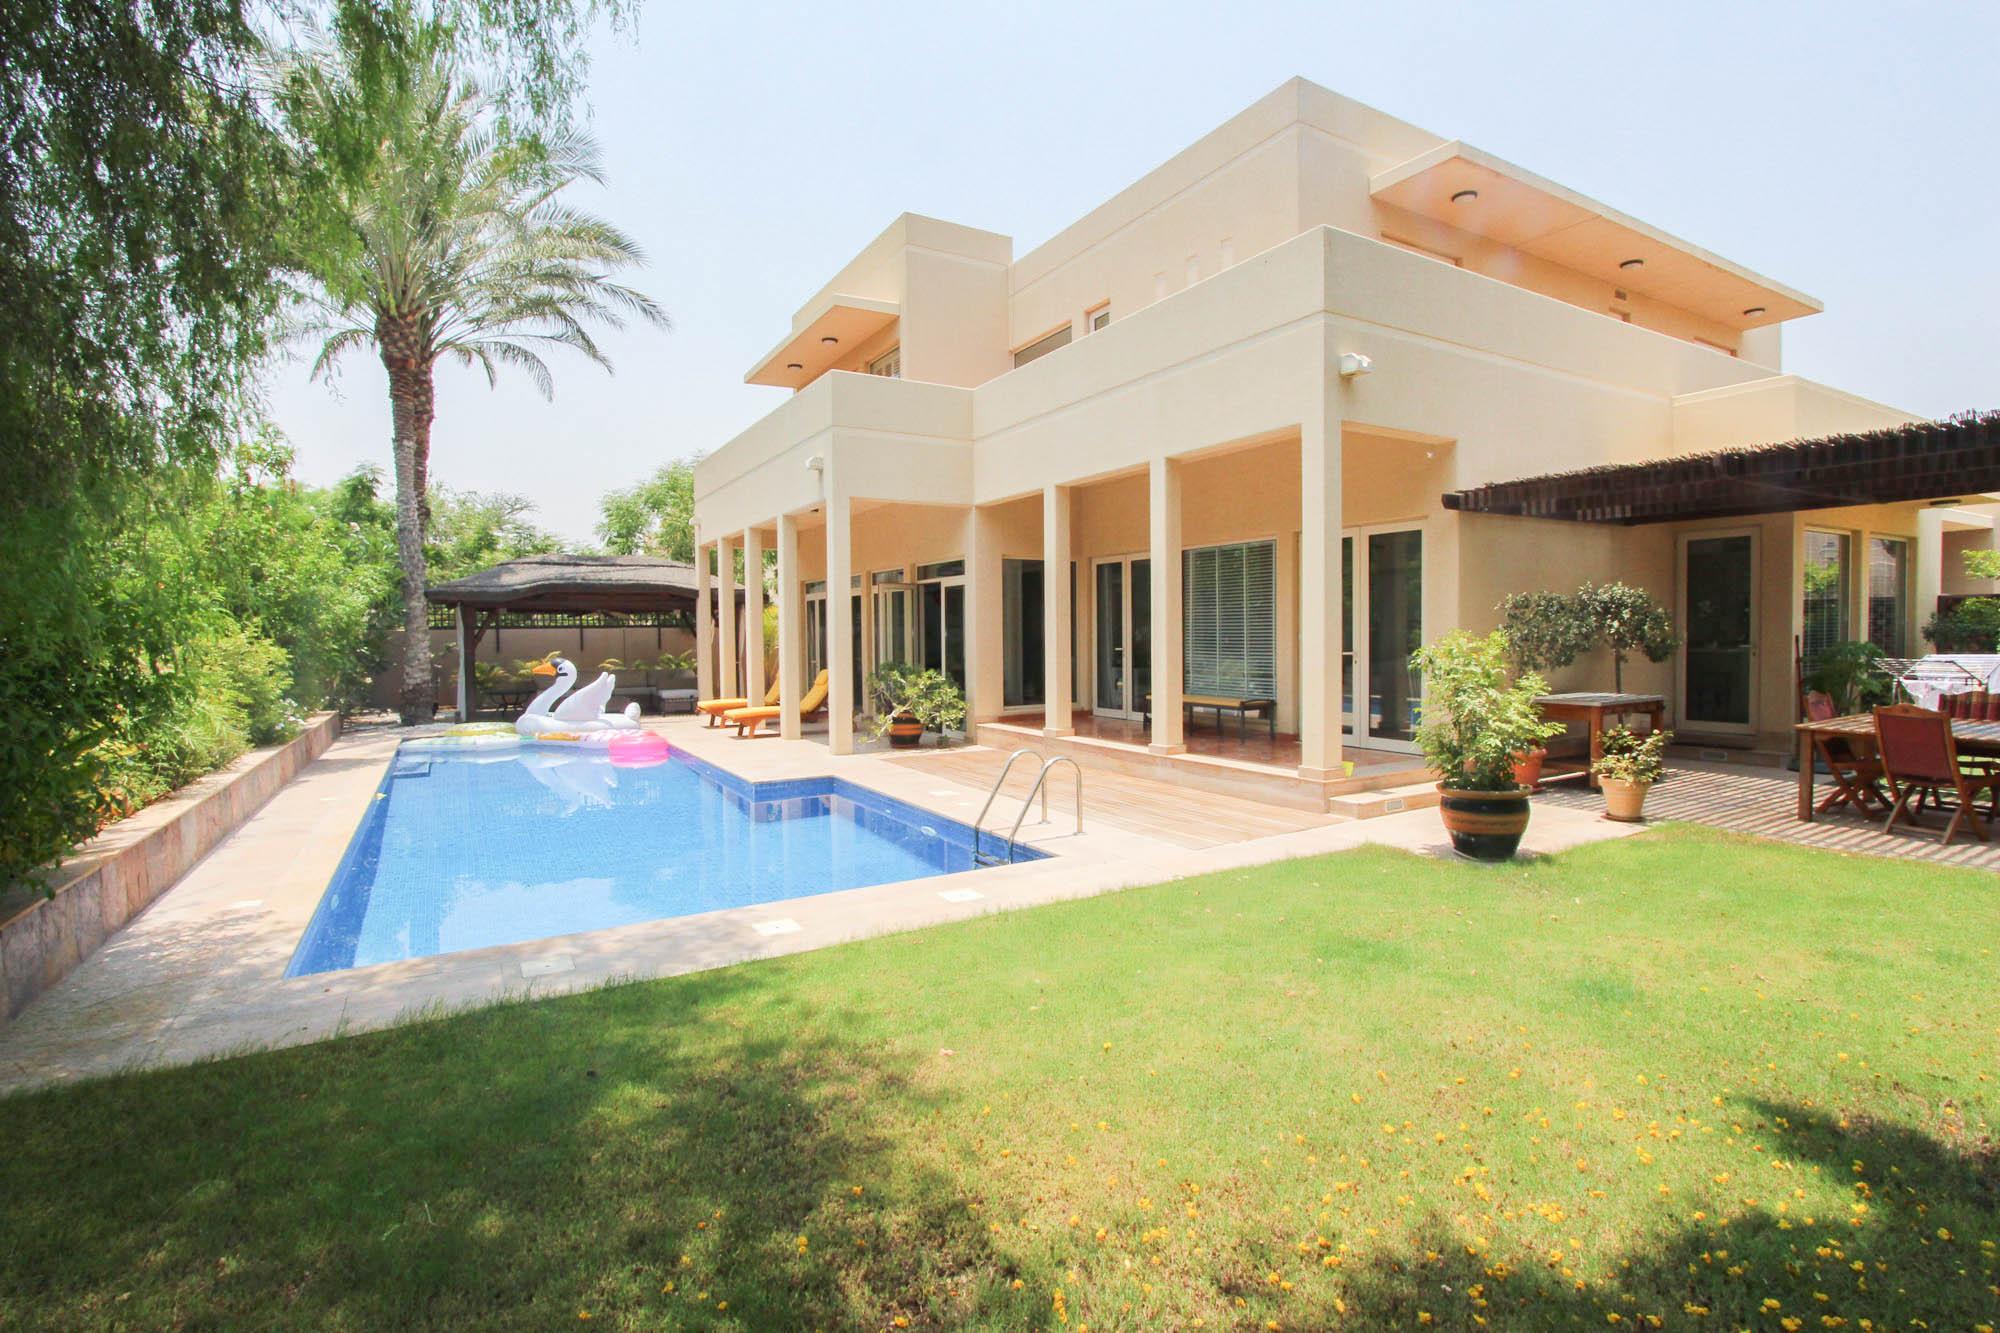 Saheel type 5 Villa Dubai (Aprox) £1,036,404.00